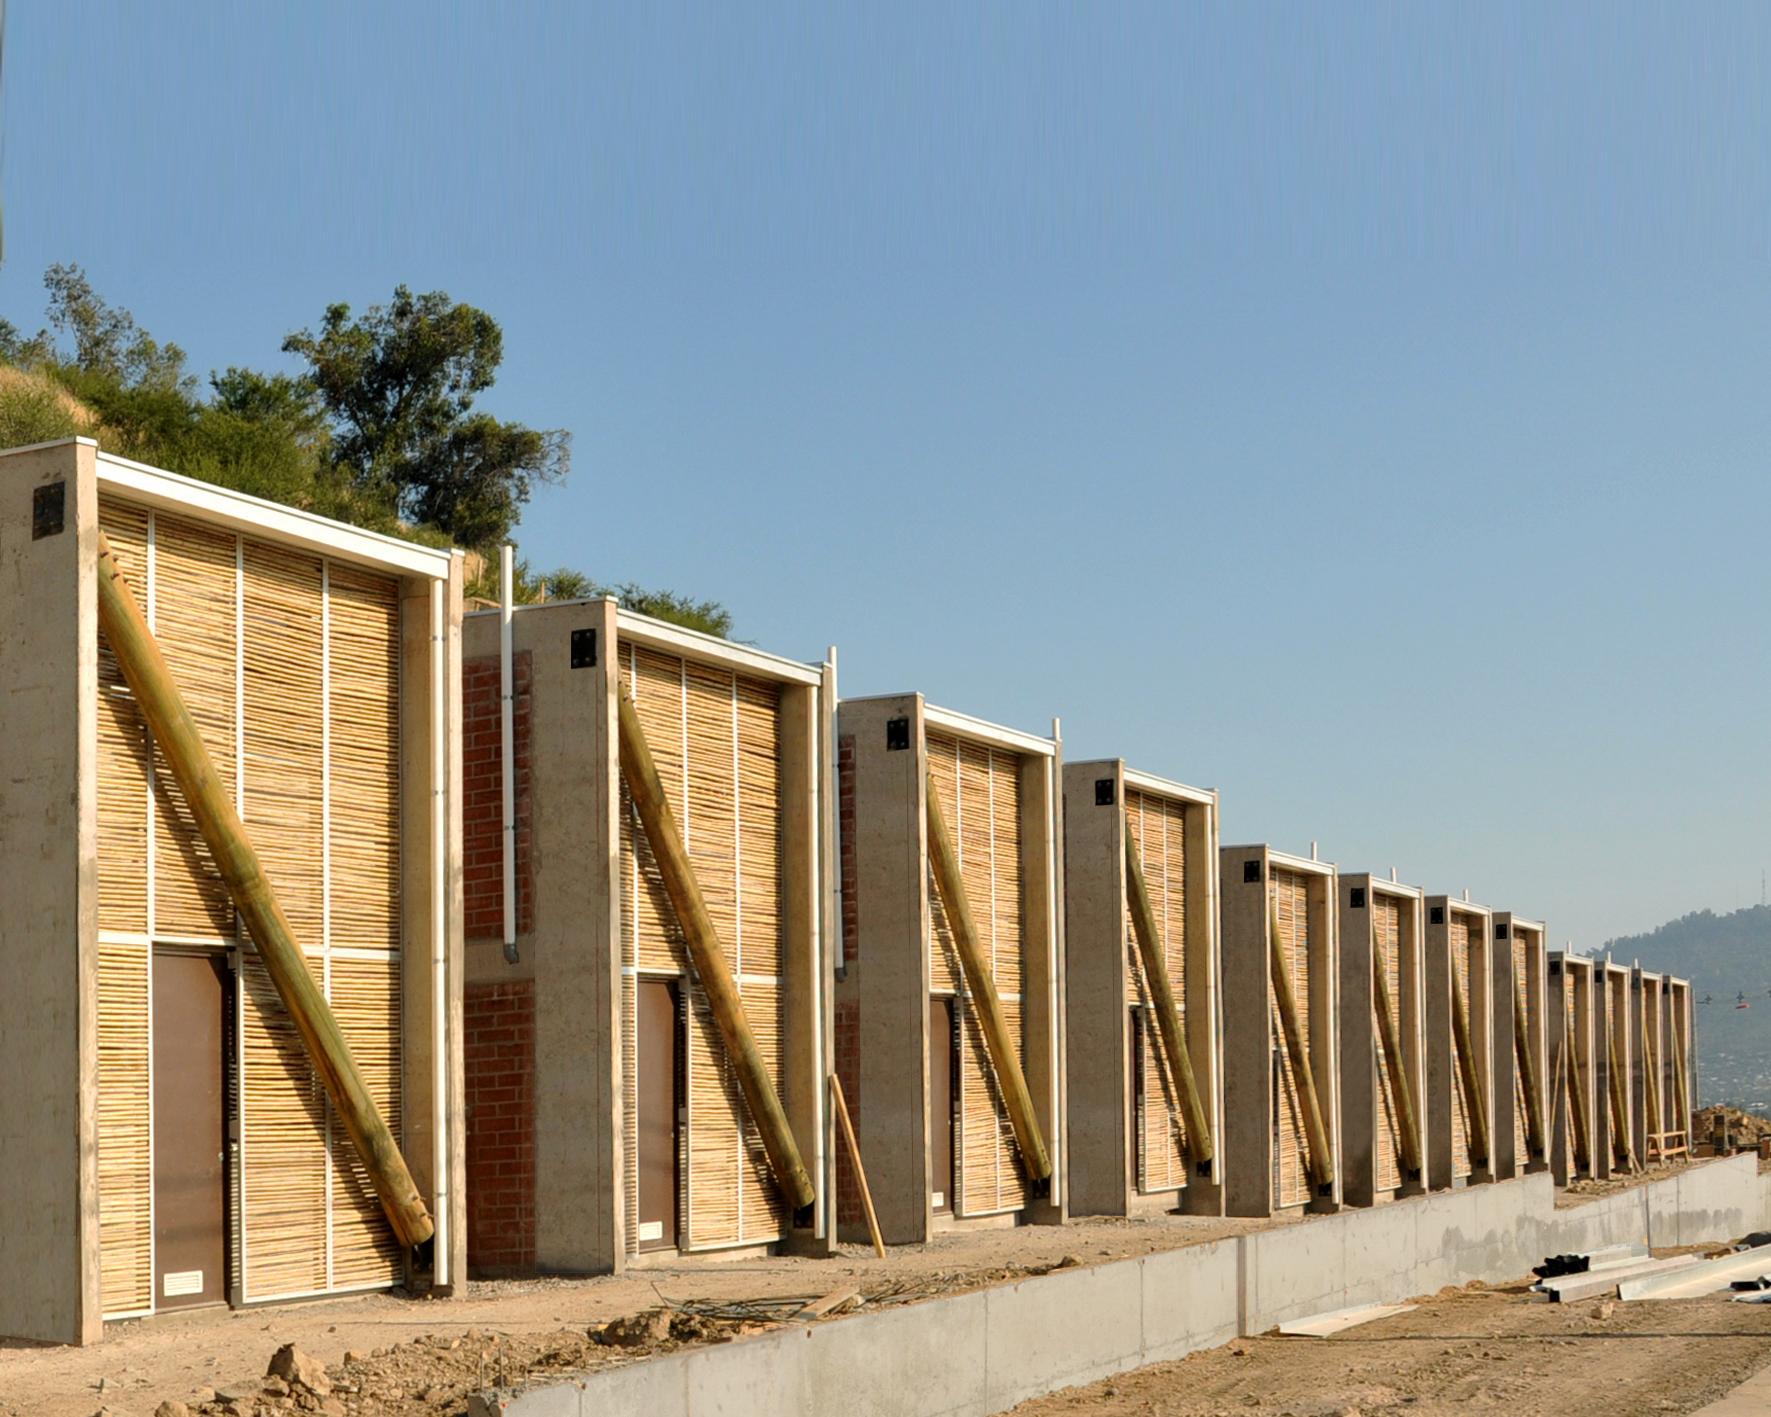 Viviendas ruca undurraga dev s arquitectos plataforma for Paginas de construccion y arquitectura